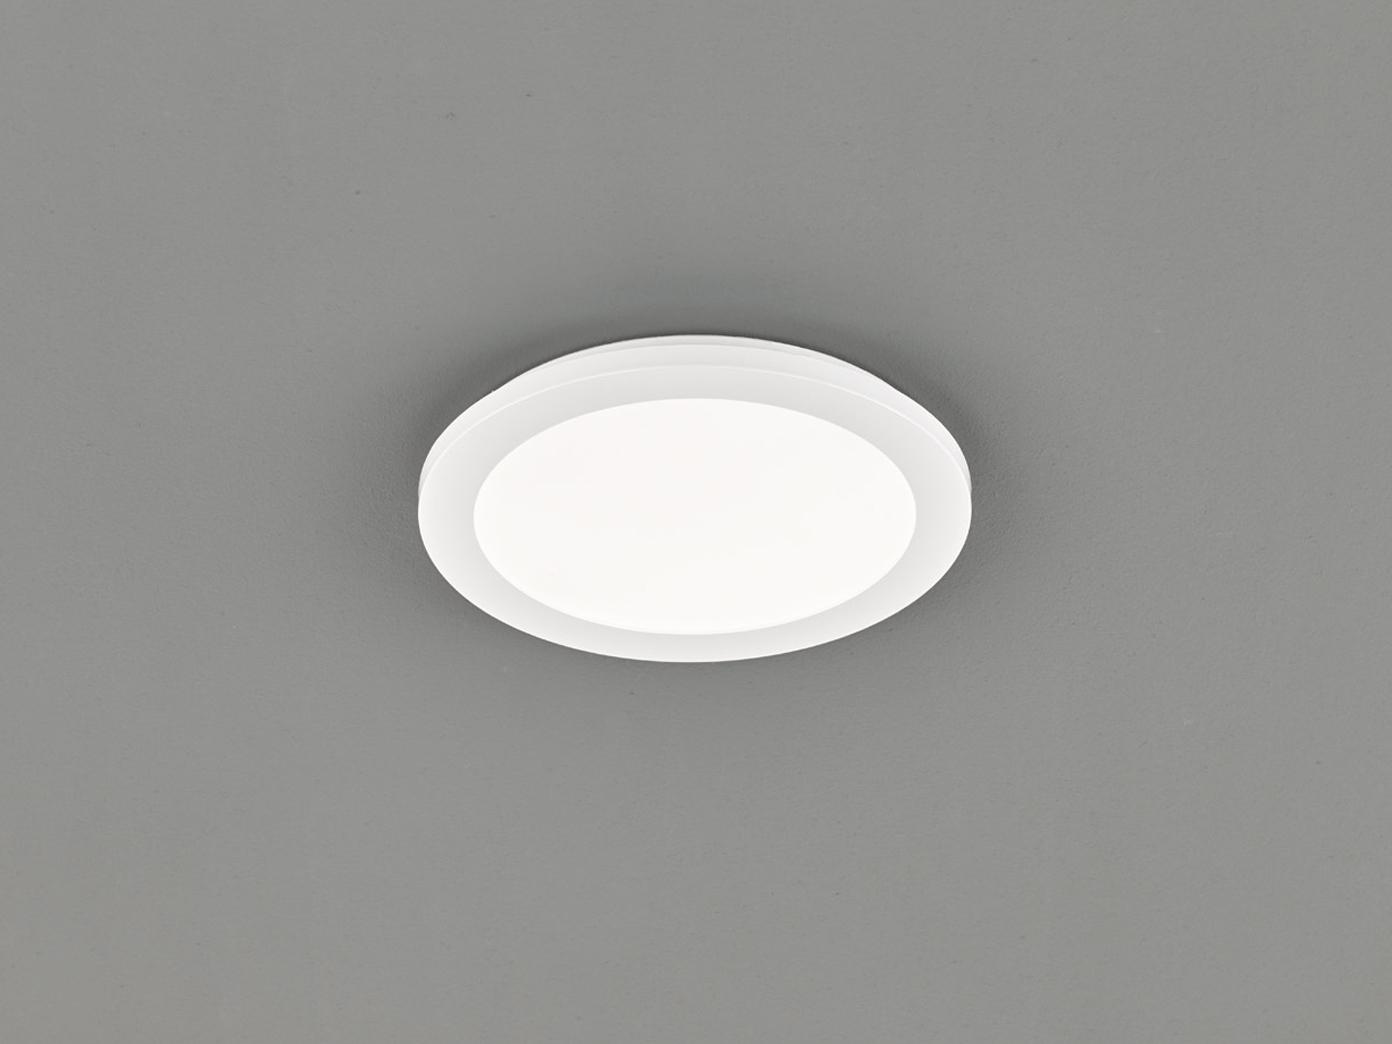 LED Deckenleuchte CAMILLUS flache Badezimmerlampe Rund Ø20cm in Weiß IP20